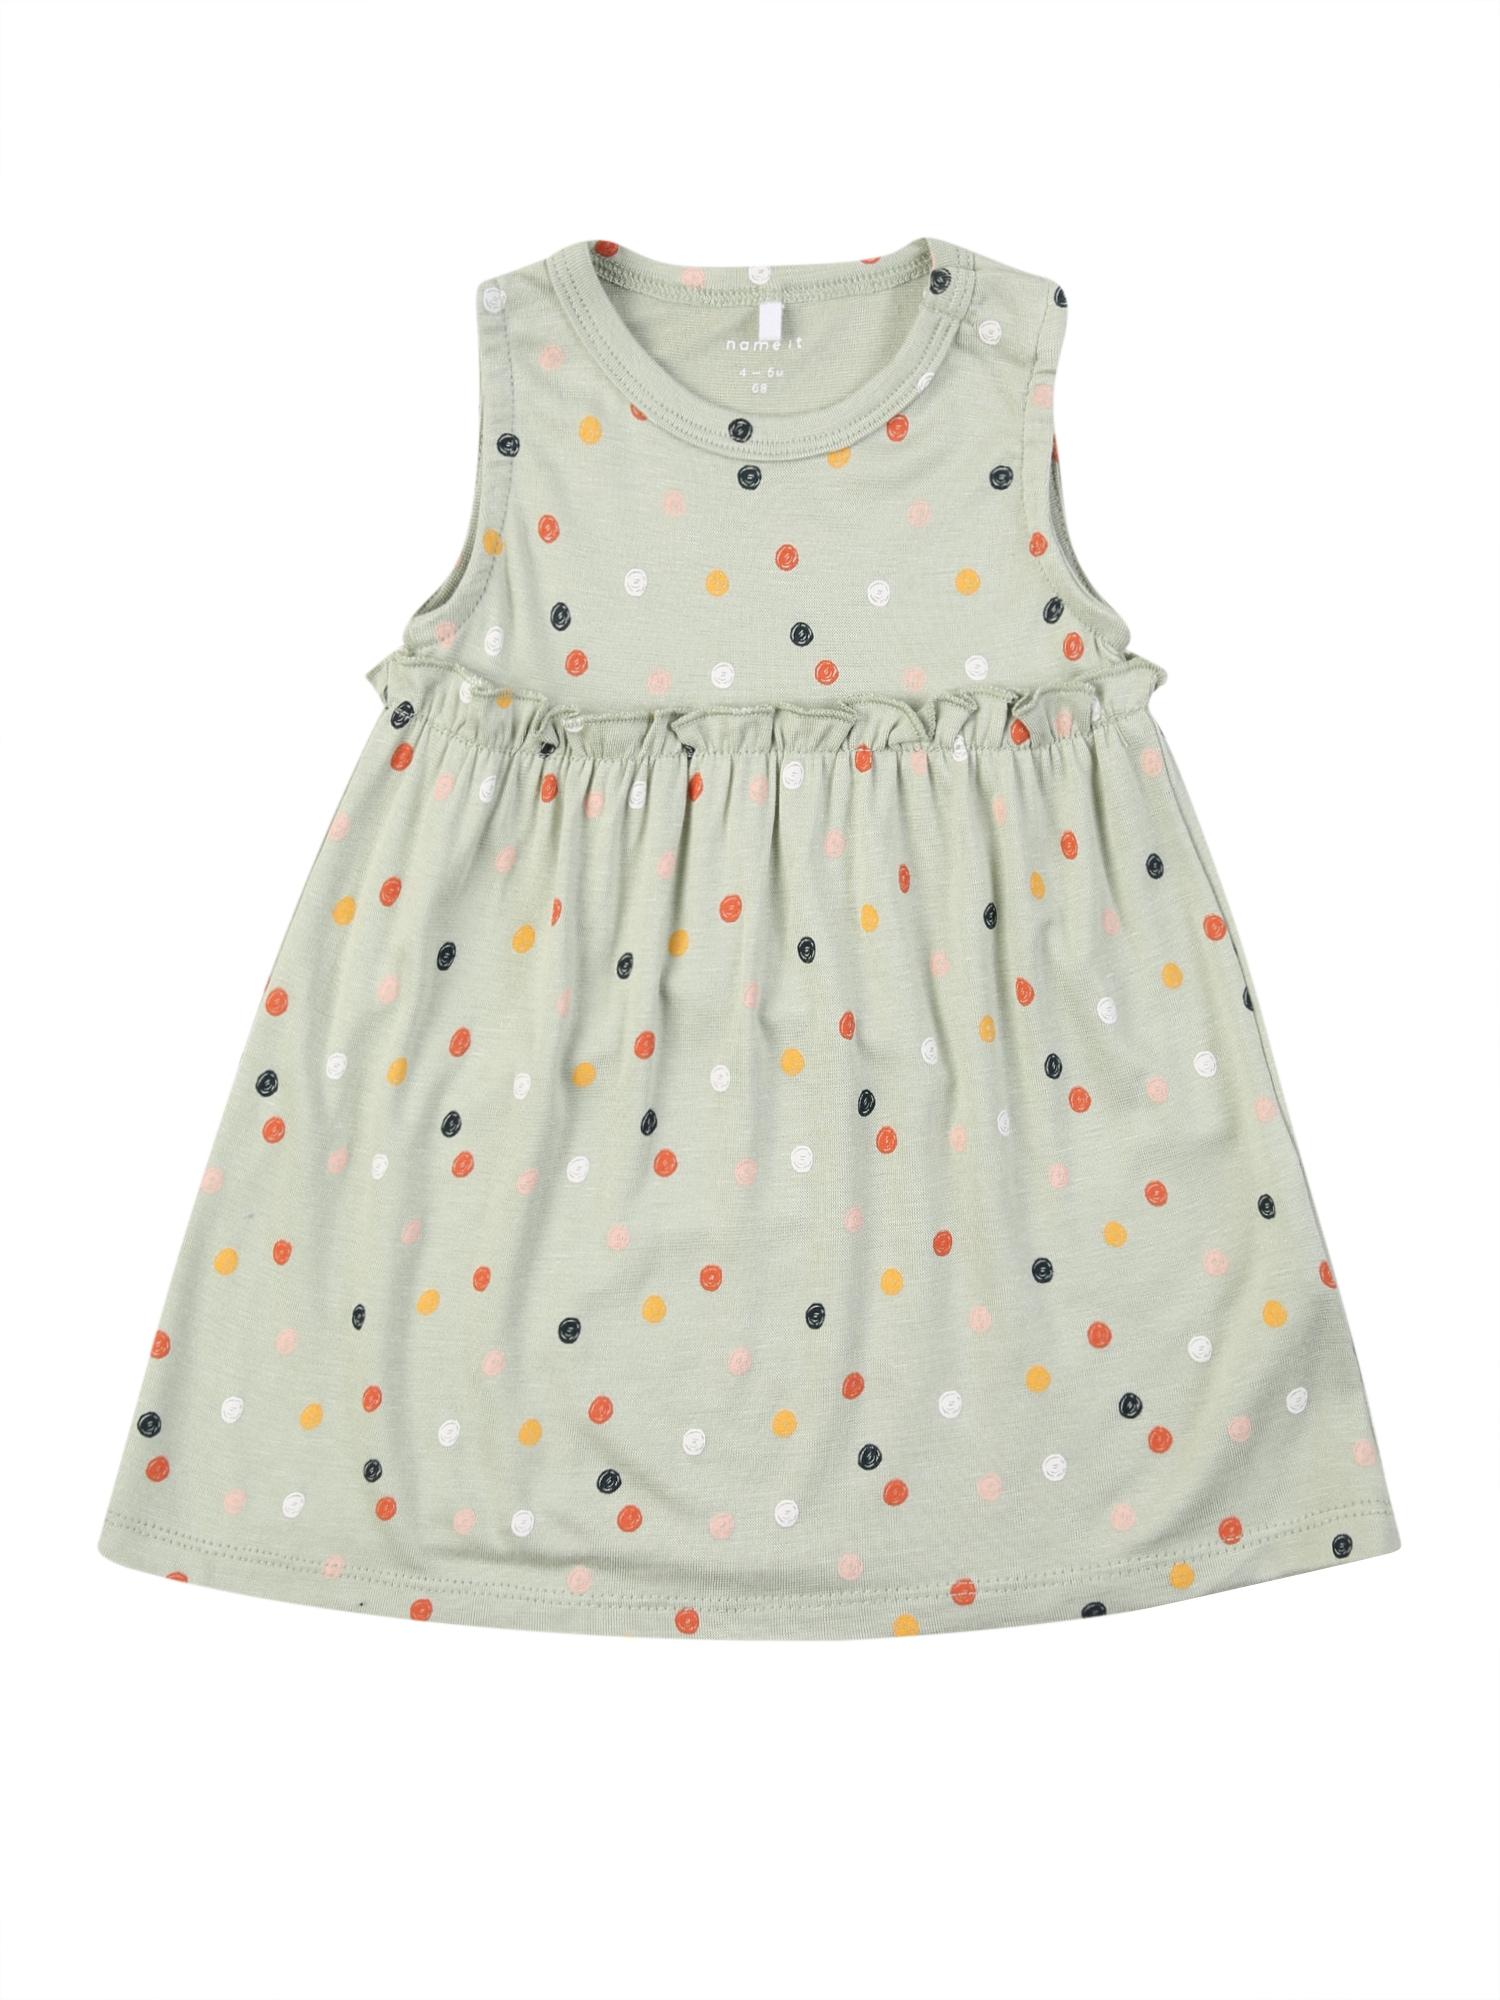 NAME IT Suknelė 'DAOMI SPENCER' žalia / nakties mėlyna / raudona / aukso geltonumo spalva / balta